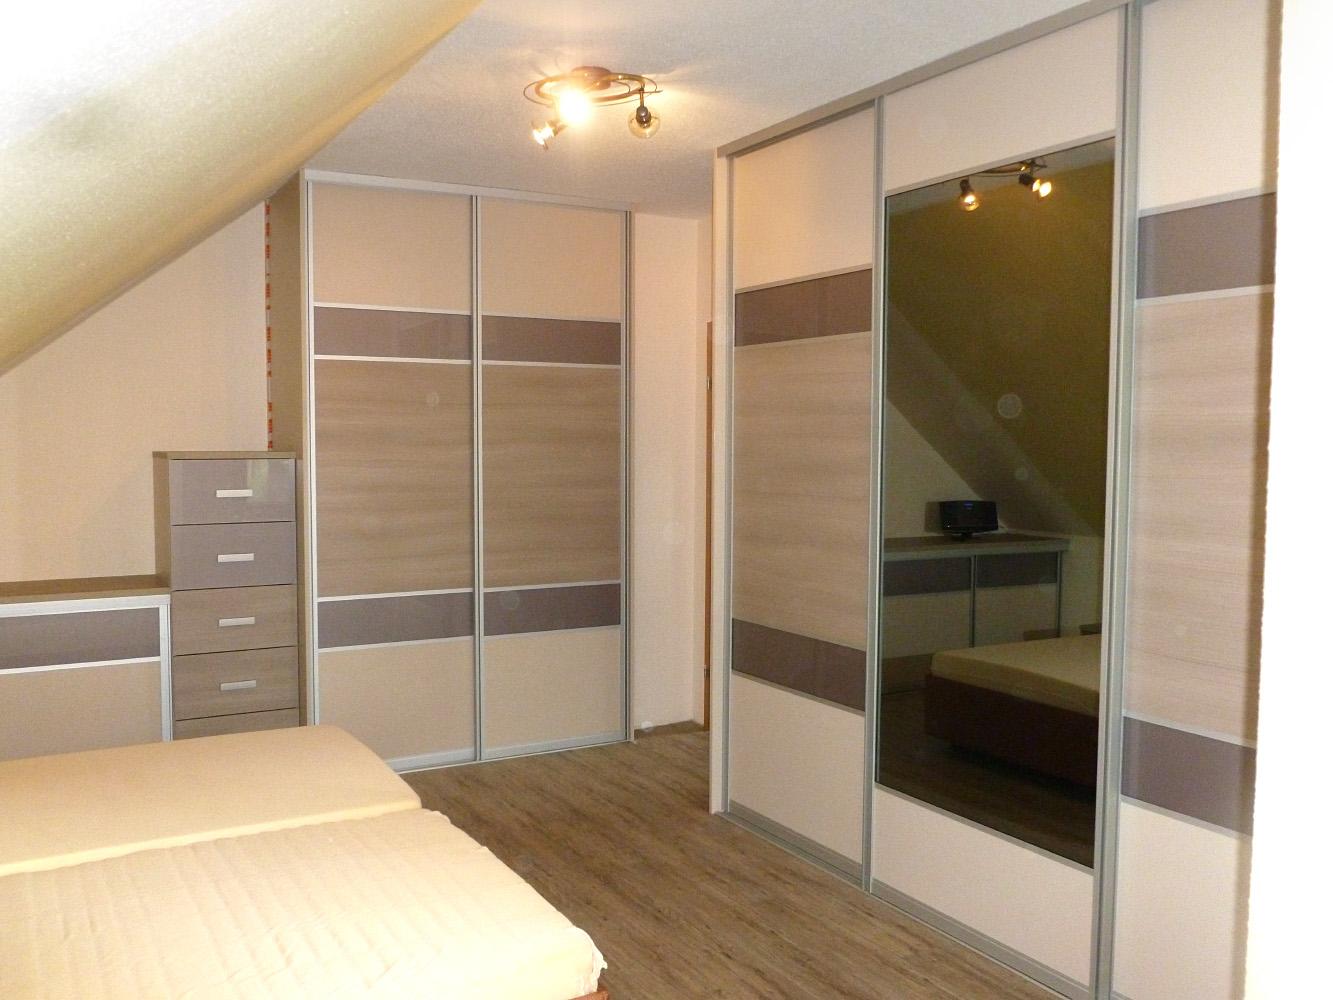 Schlafzimmer mit moderner Farbabstimmung